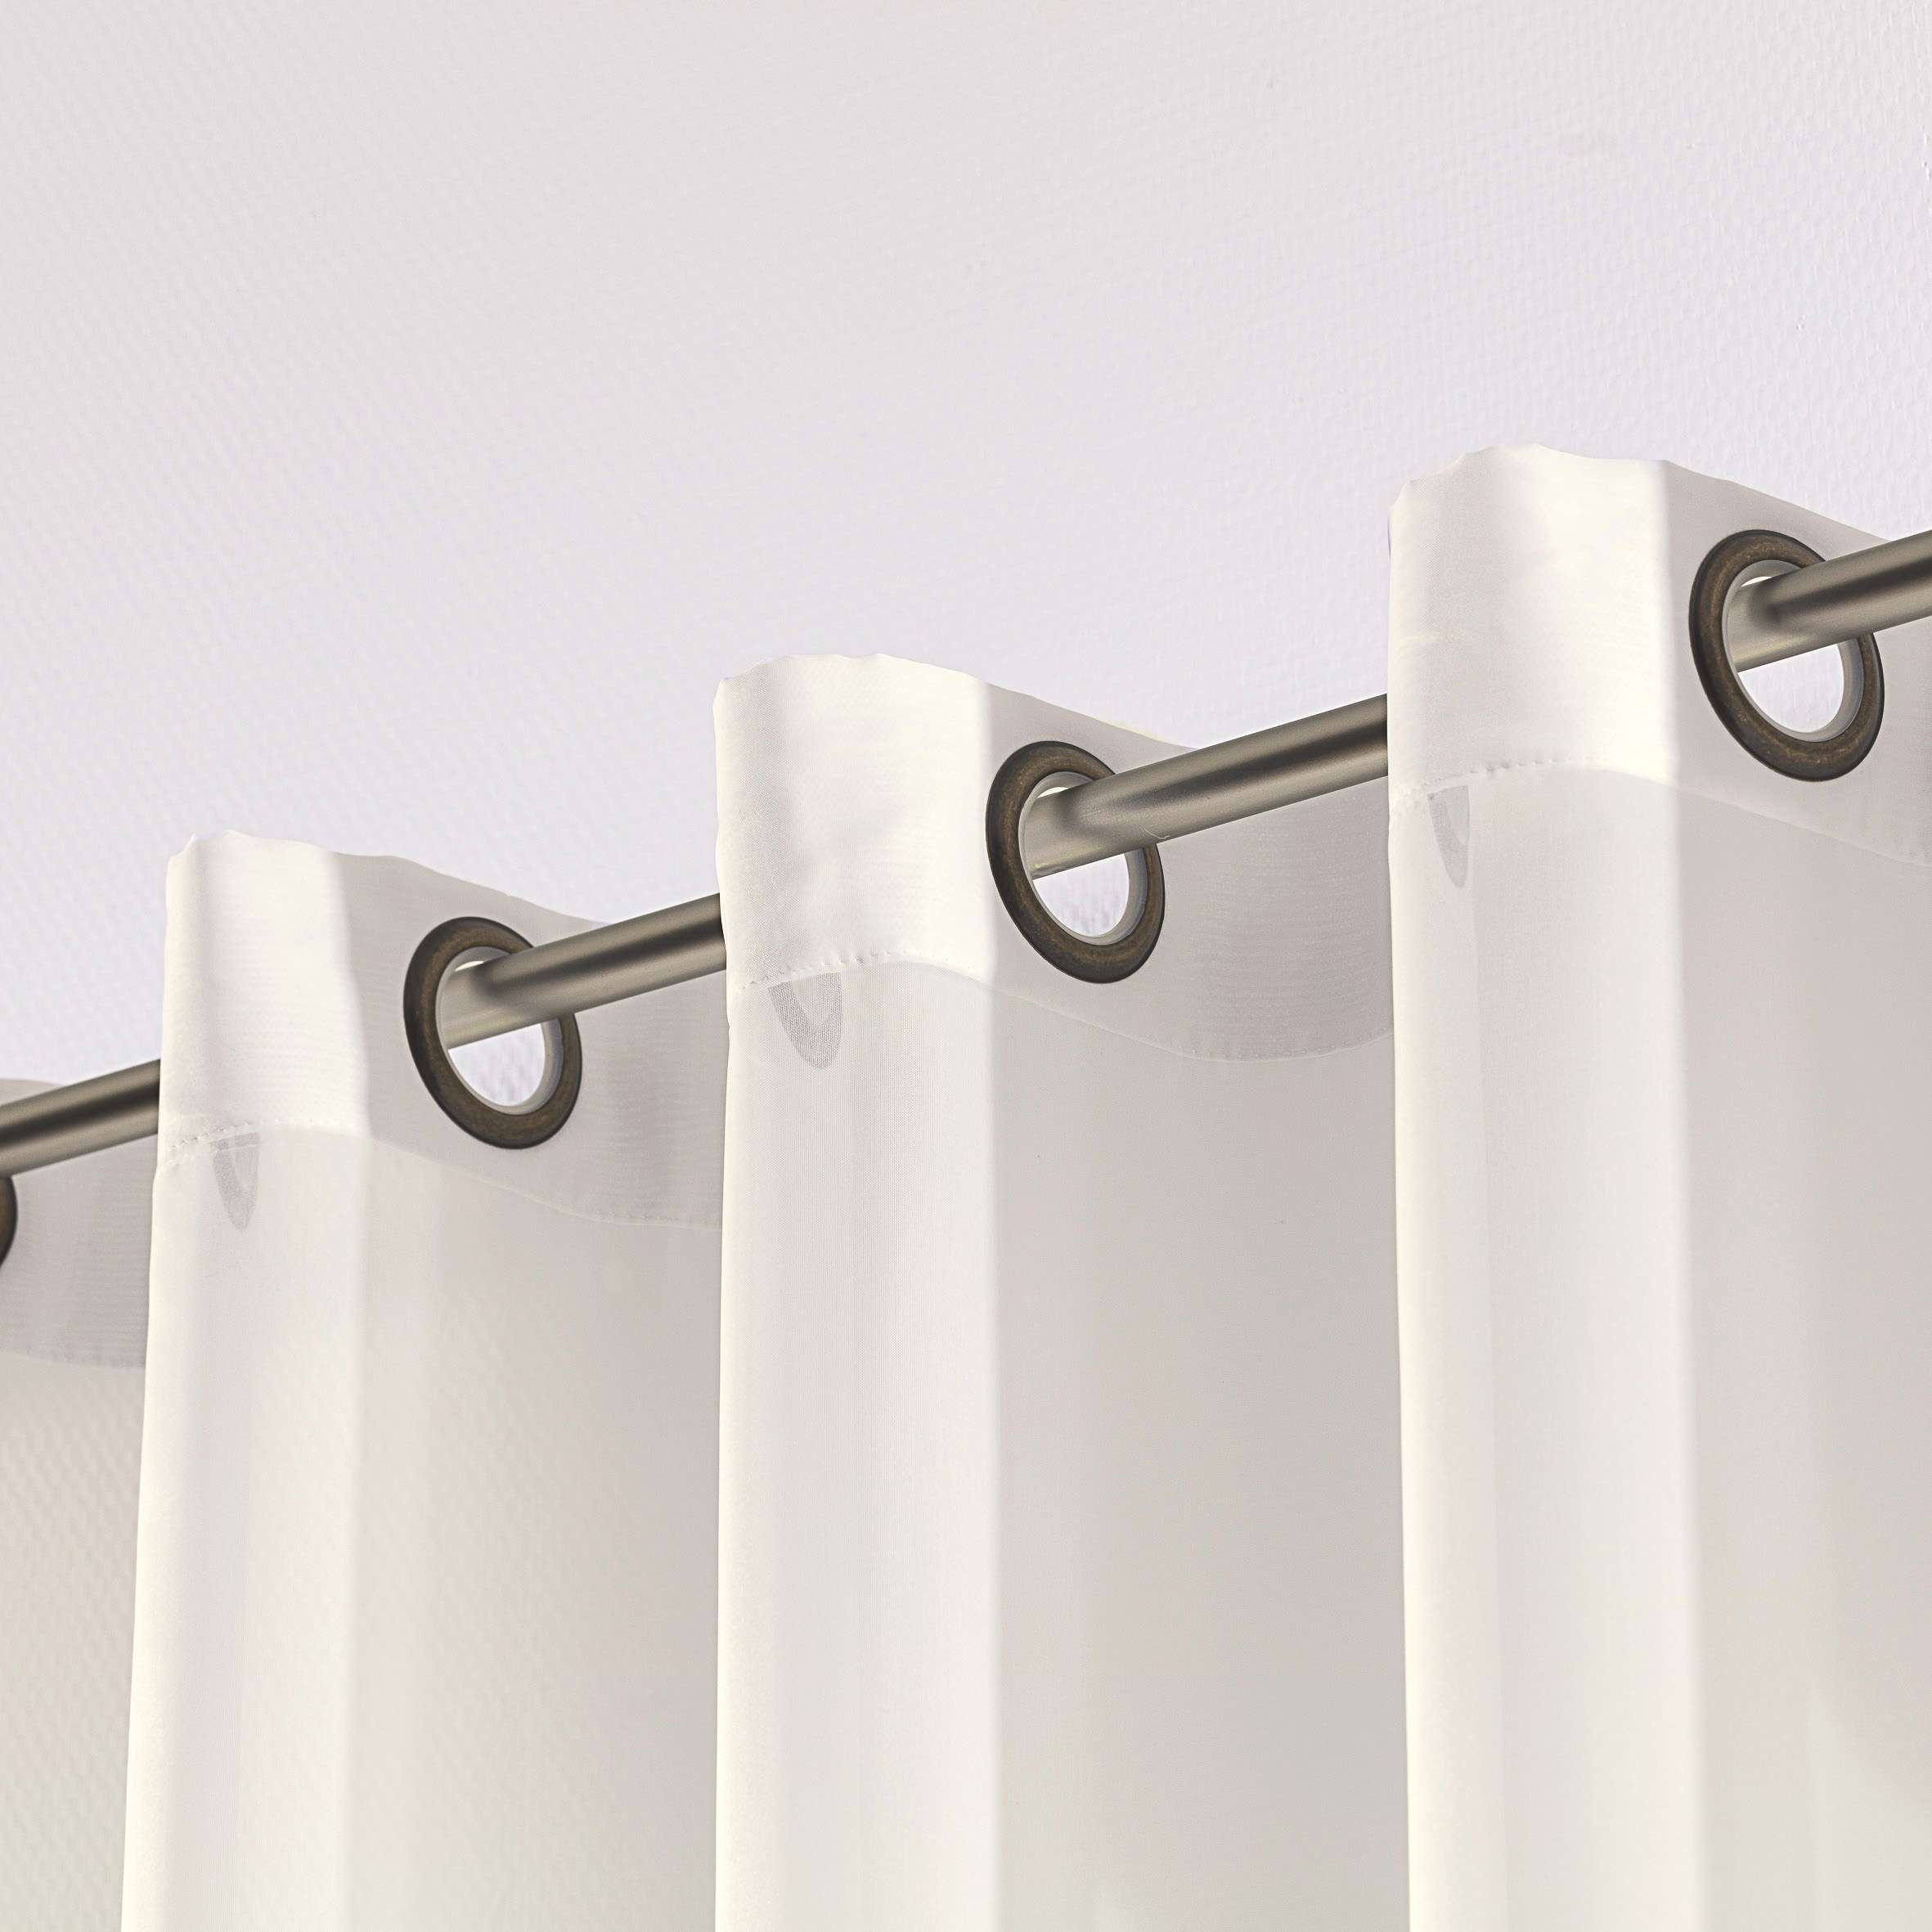 Záclona voálová jednoduchá na kroužcích na míru v kolekci Voile - Voál, látka: 900-01